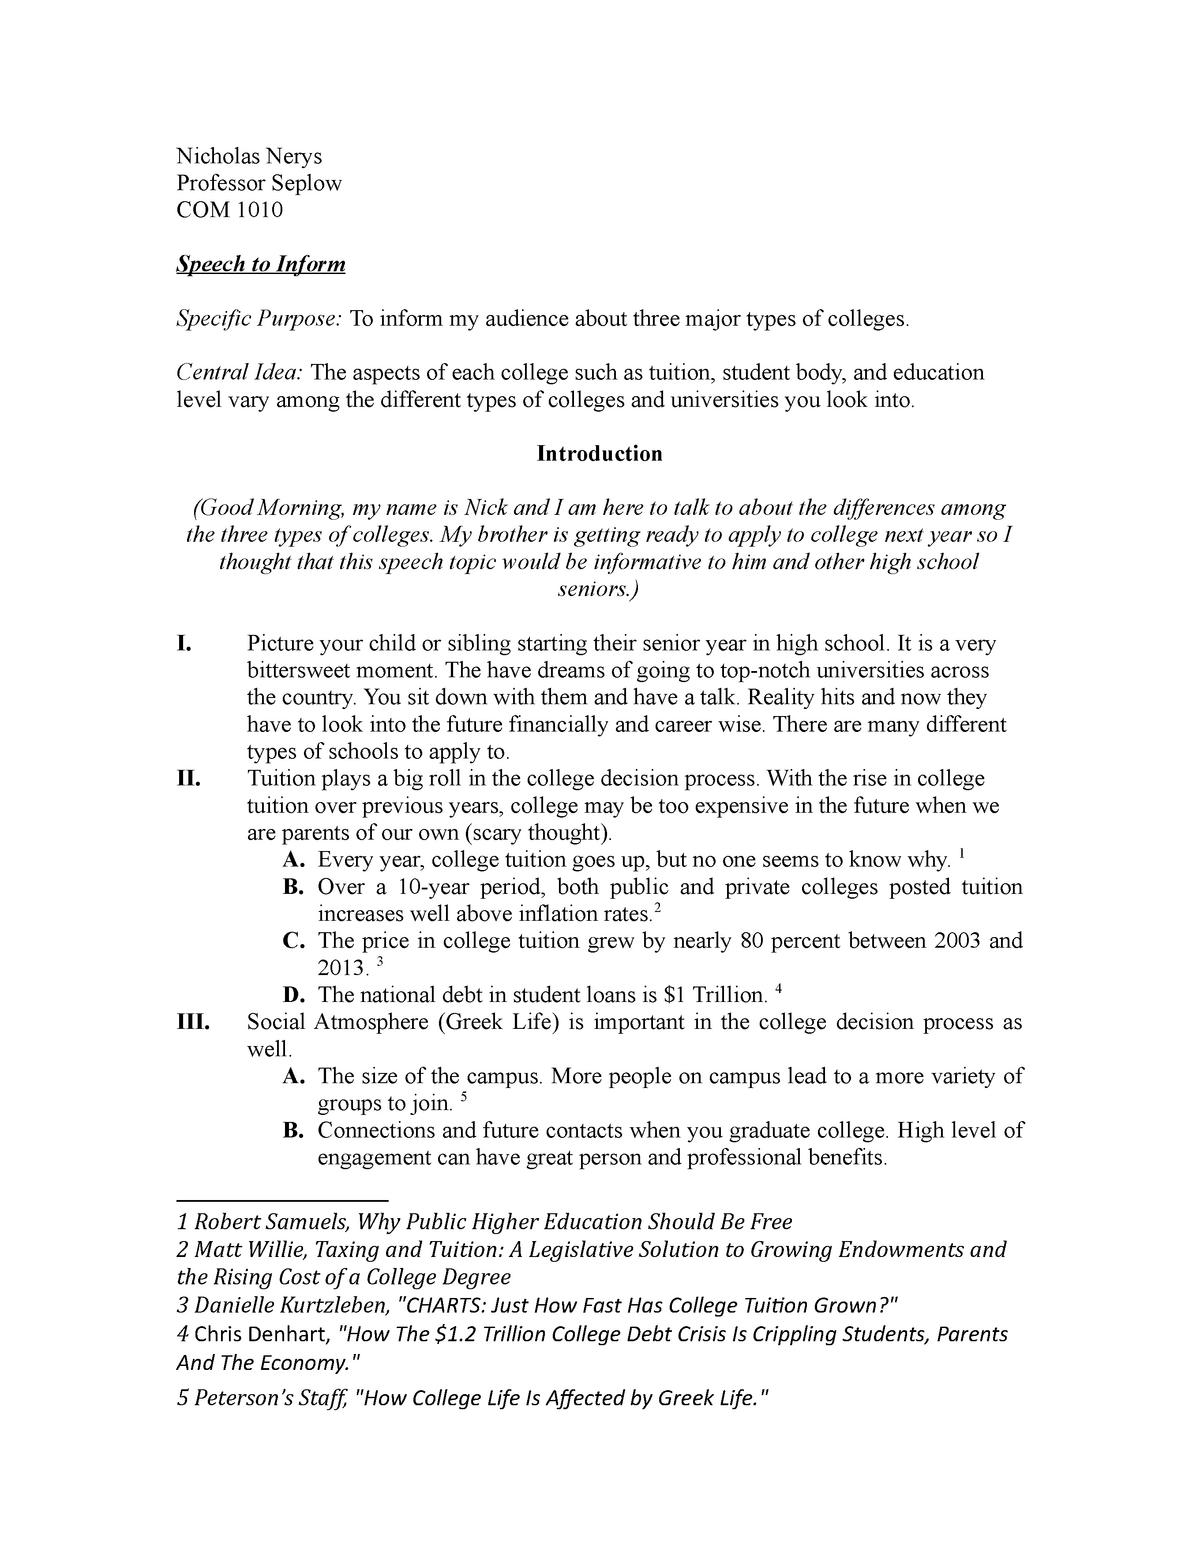 Speech to Inform-Types of Colleges - COM 1010 - StuDocu